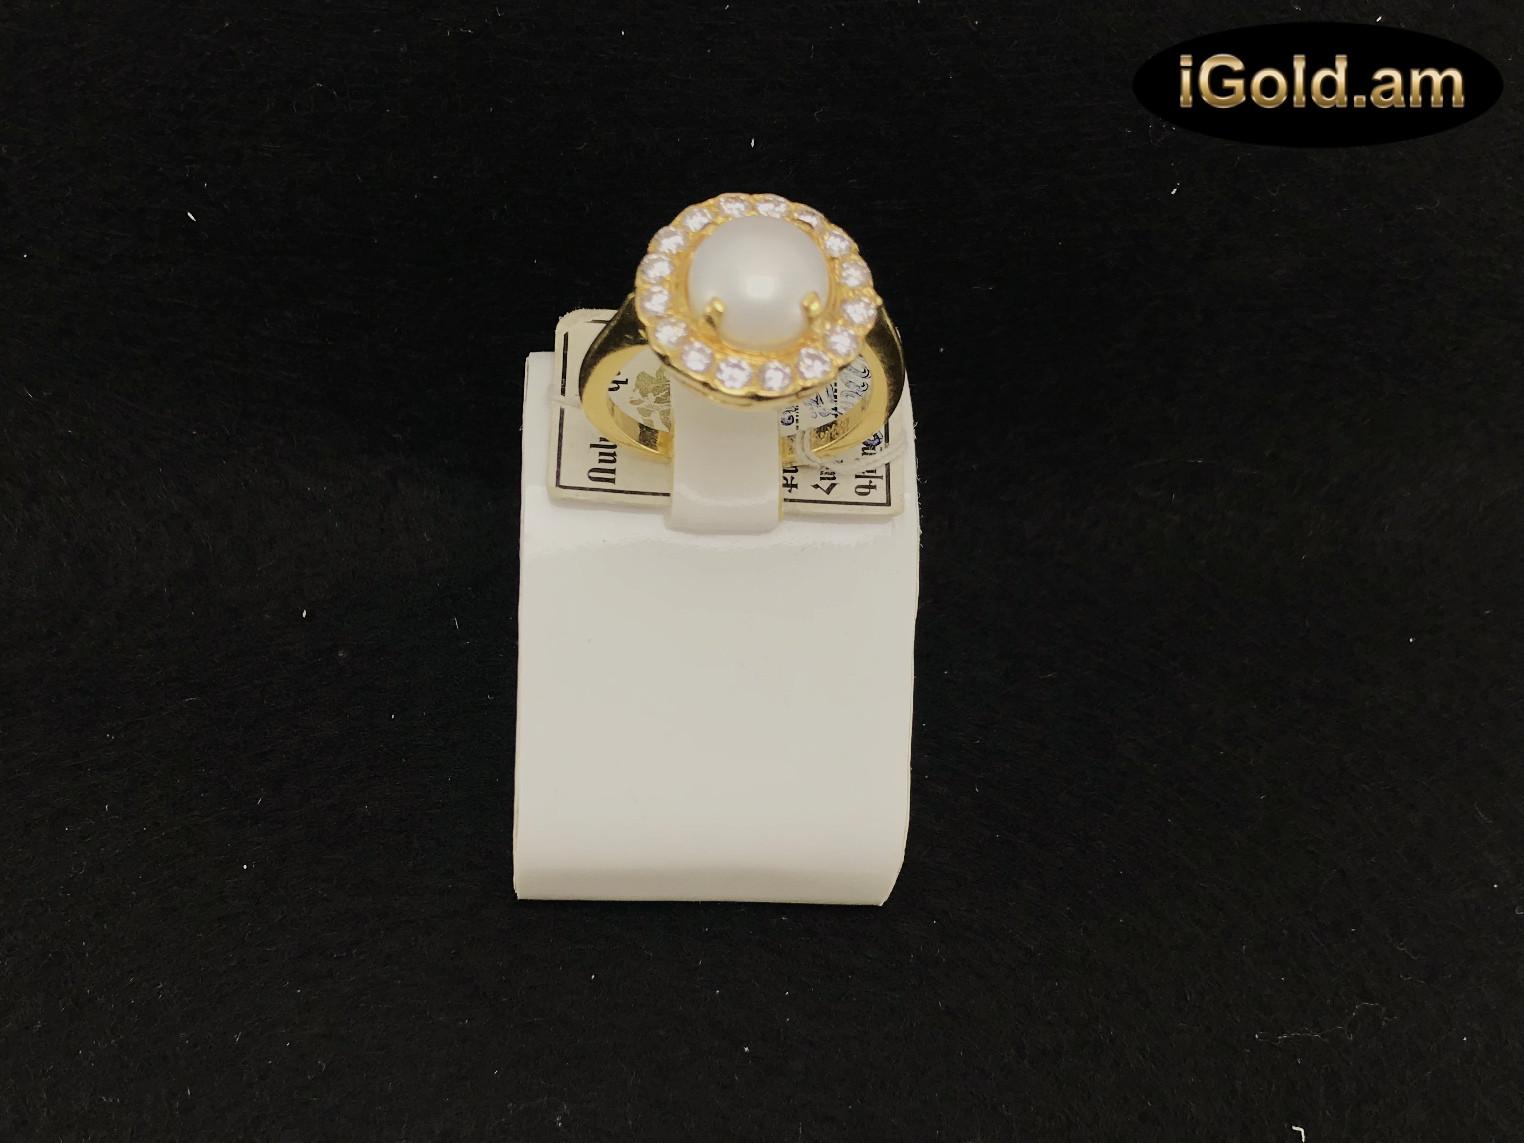 Ոսկյա կանացի էքսքլյուզիվ զարդեր ադամանդով, - 6.4 - կոդ 151-901 voskya kanaci eqsqlyuziv zarder adamandov, - 6.4